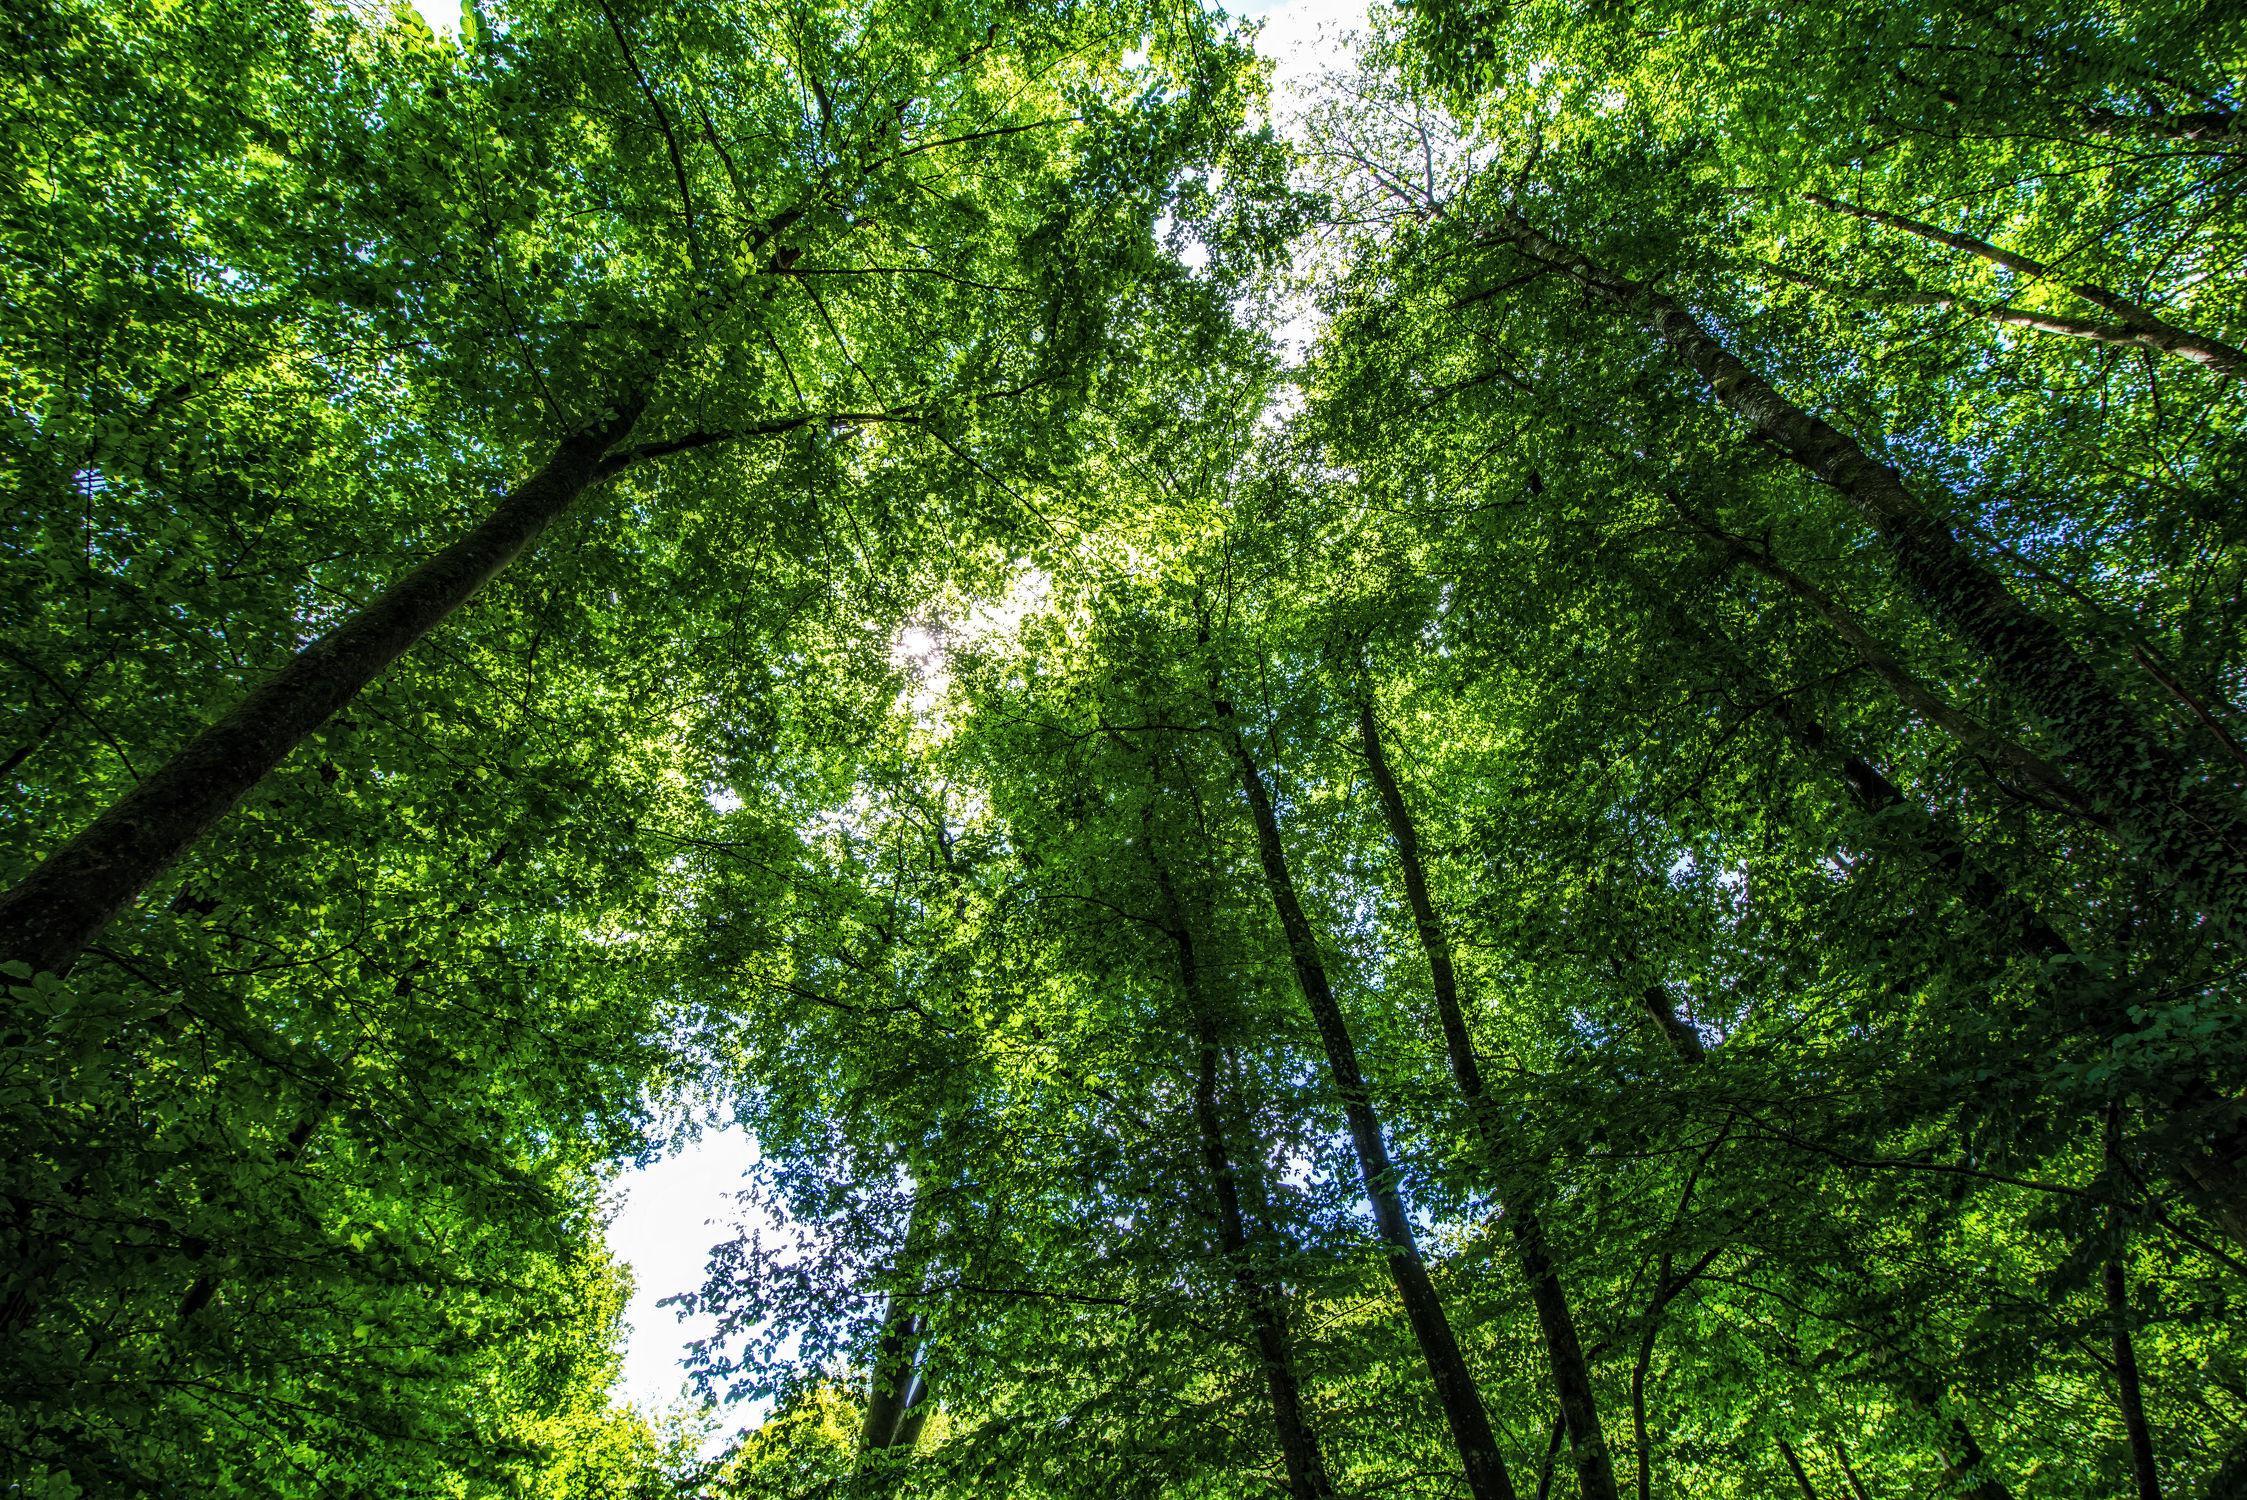 Bild mit Natur, Himmel, Bäume, Jahreszeiten, Deutschland, Sommer, Sonnenaufgang, Wald, Blätter, Zweige, Aufsicht, Licht Schatten, Eifel